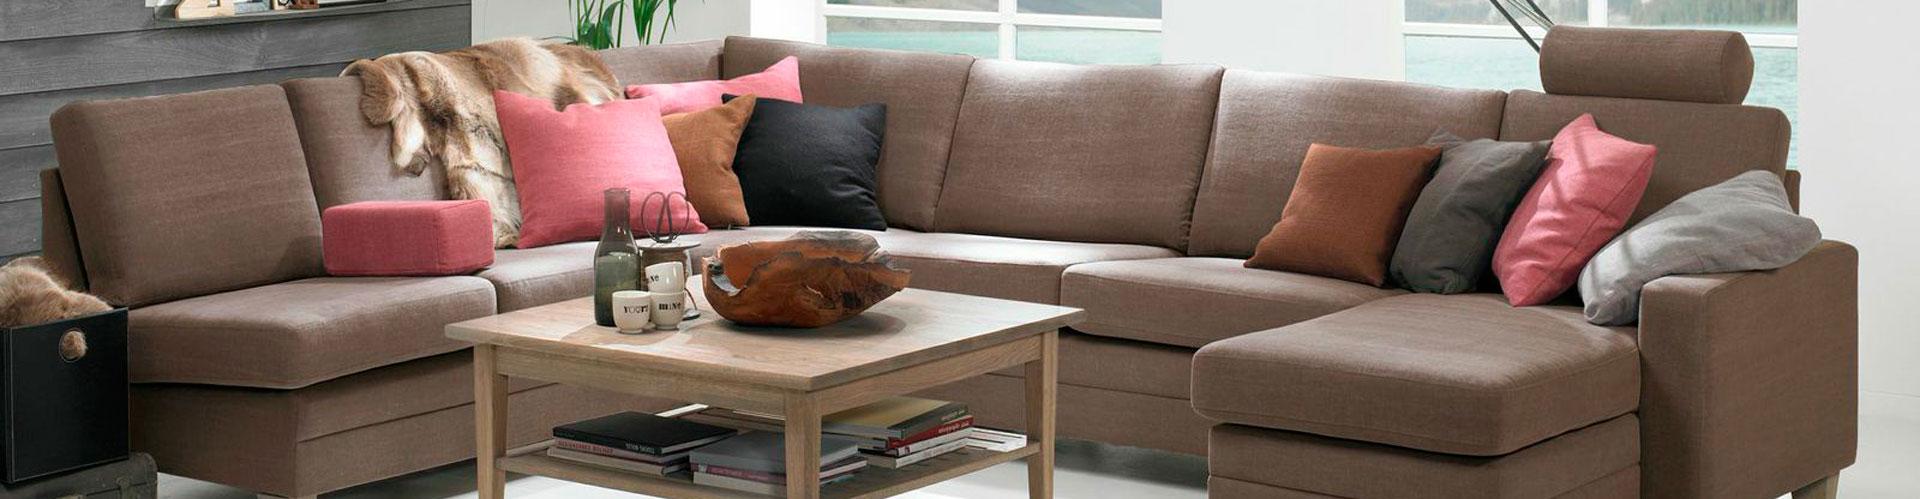 fjerne flekker pa sofa